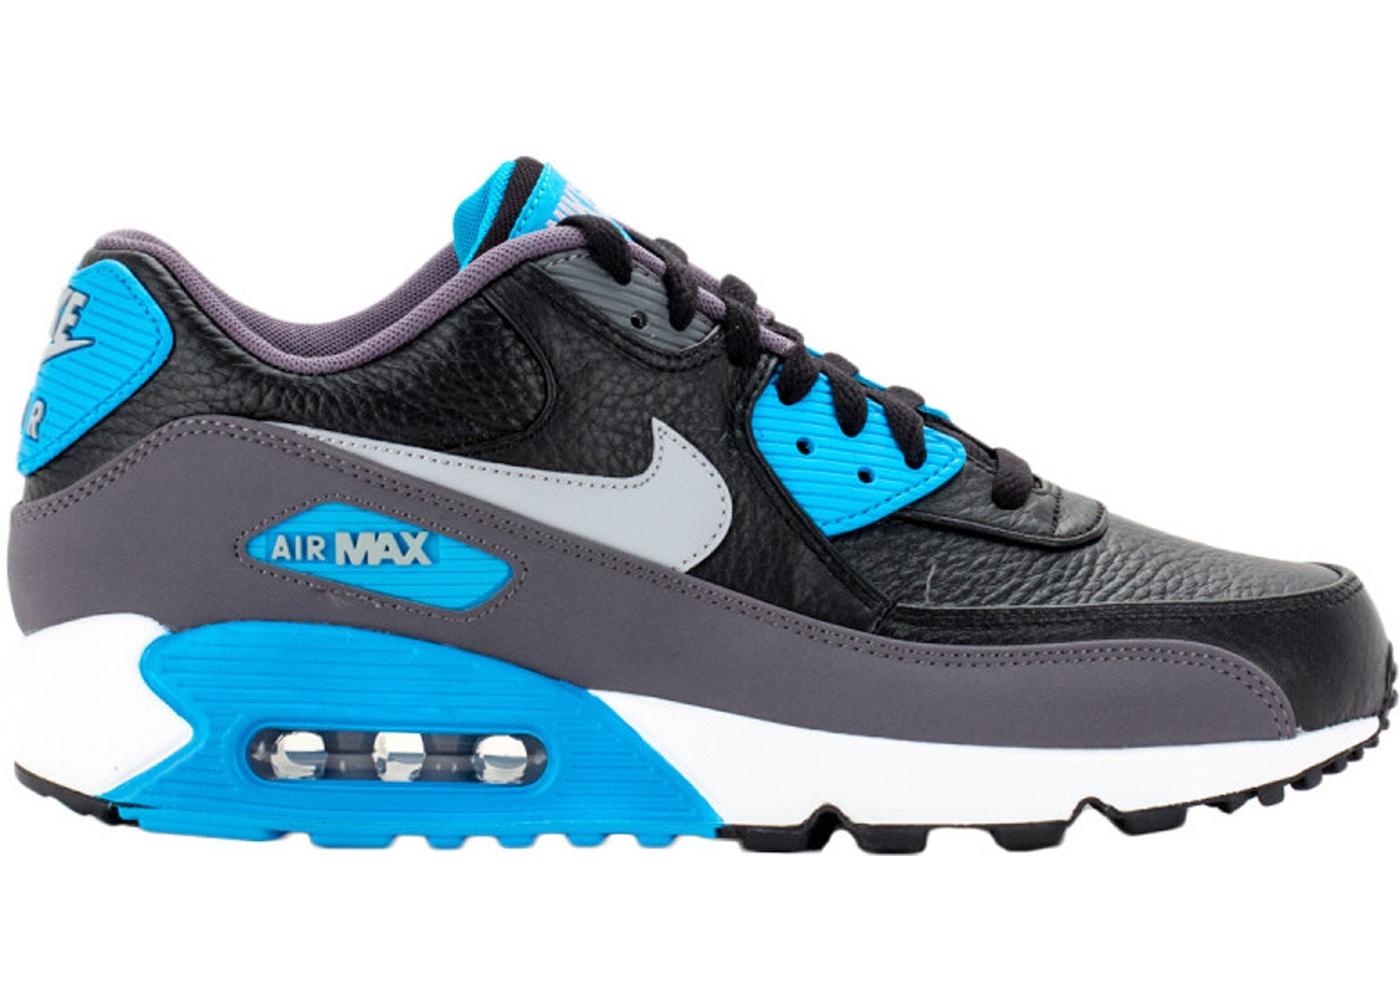 Nike Air Max 90 Black Blue Lagoon 652980 004